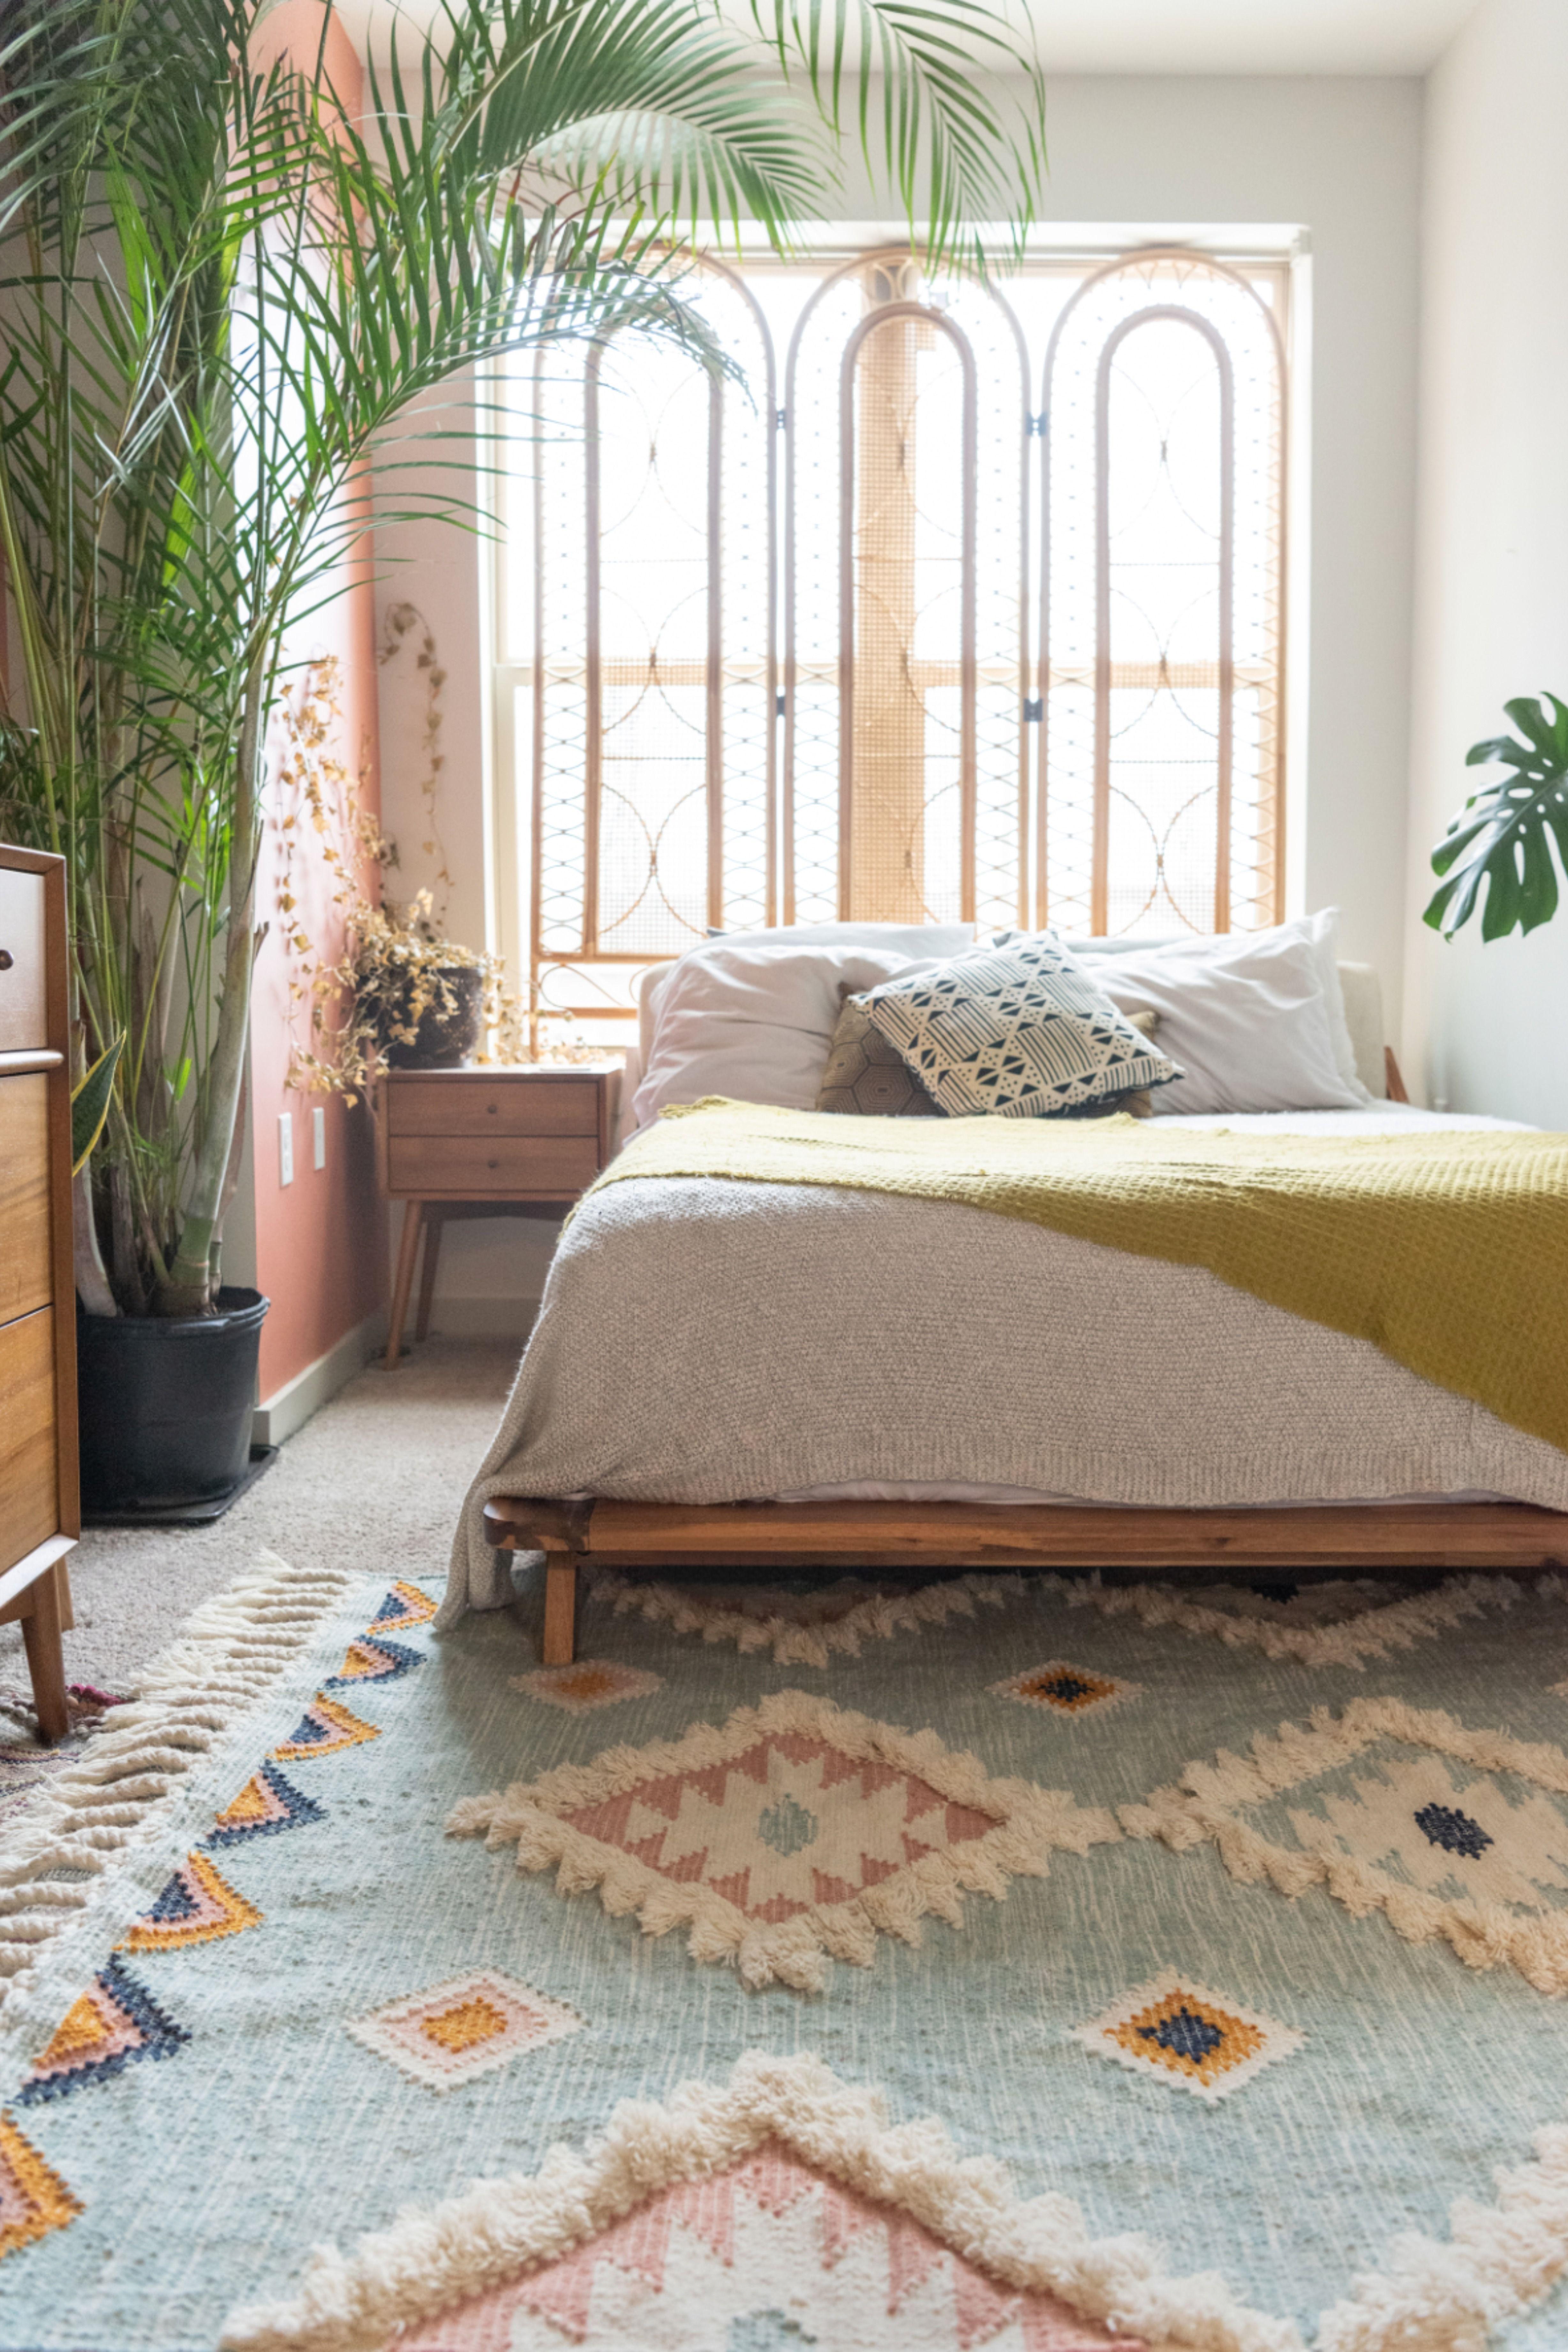 Pin Af Elisabeth Kfp Pa Future Home Udsmykningsideer Sovevaerelse Ideer Boligindretning Boliginterior